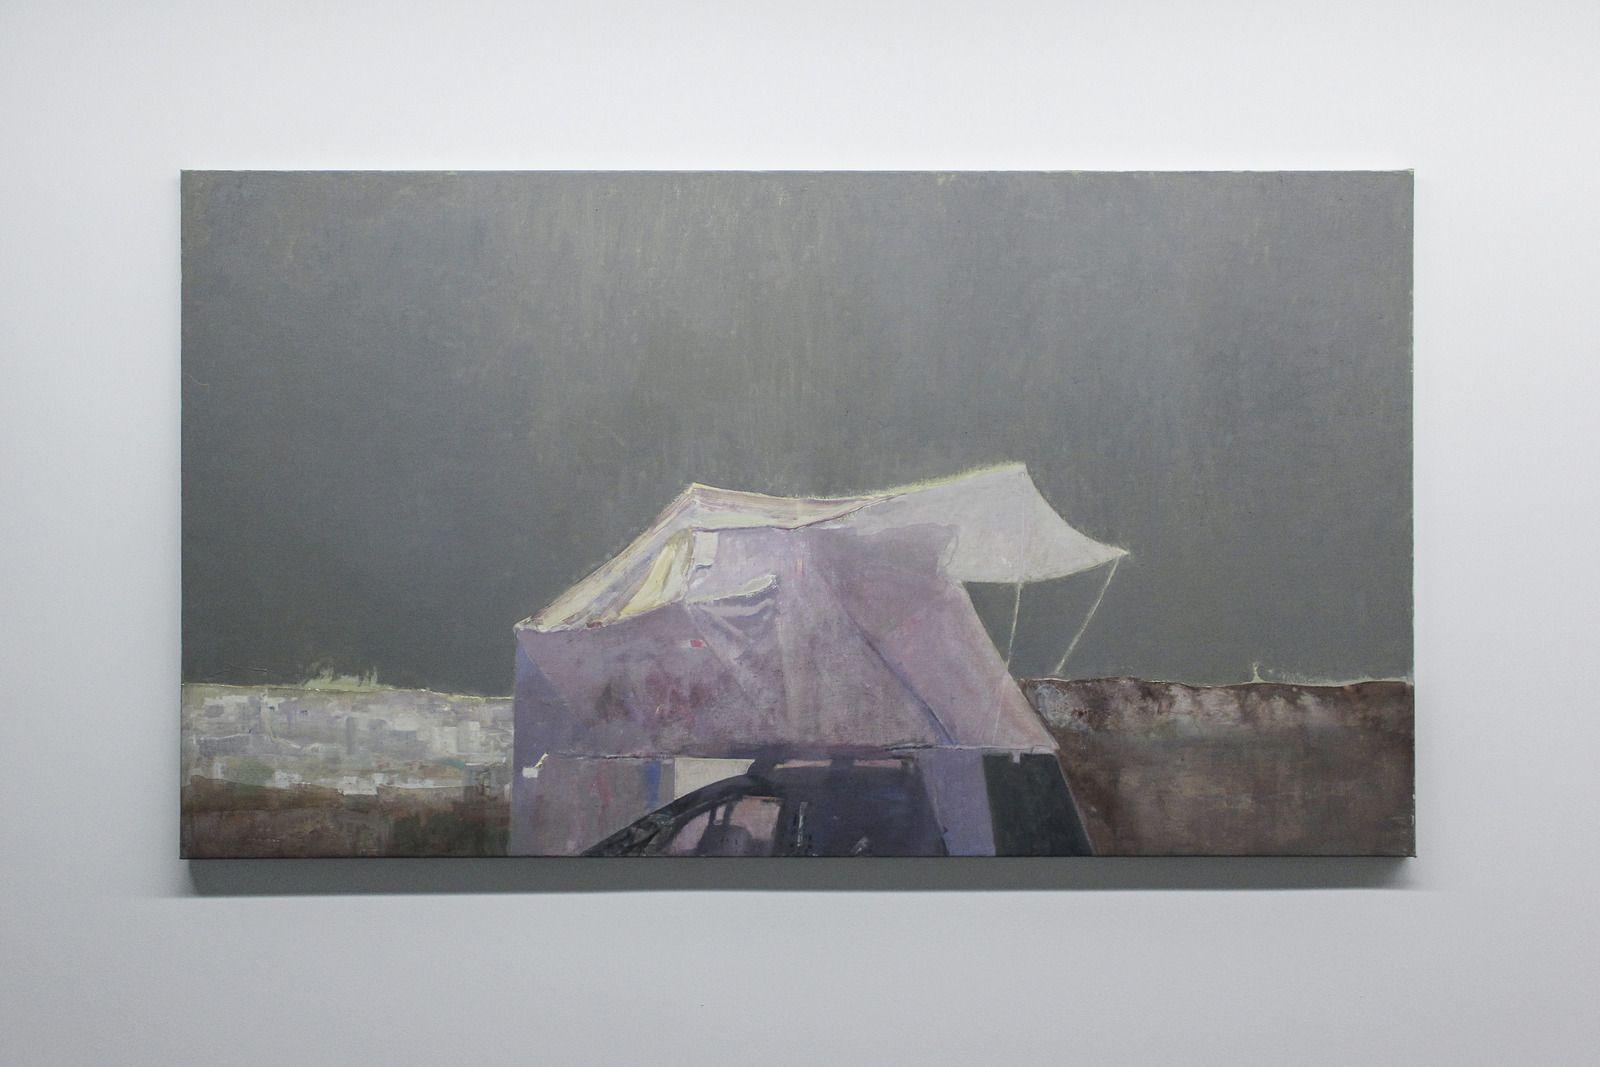 Edi Hila Documenta 14 Neue Neue Galerie Neue Hauptpost Painting Art